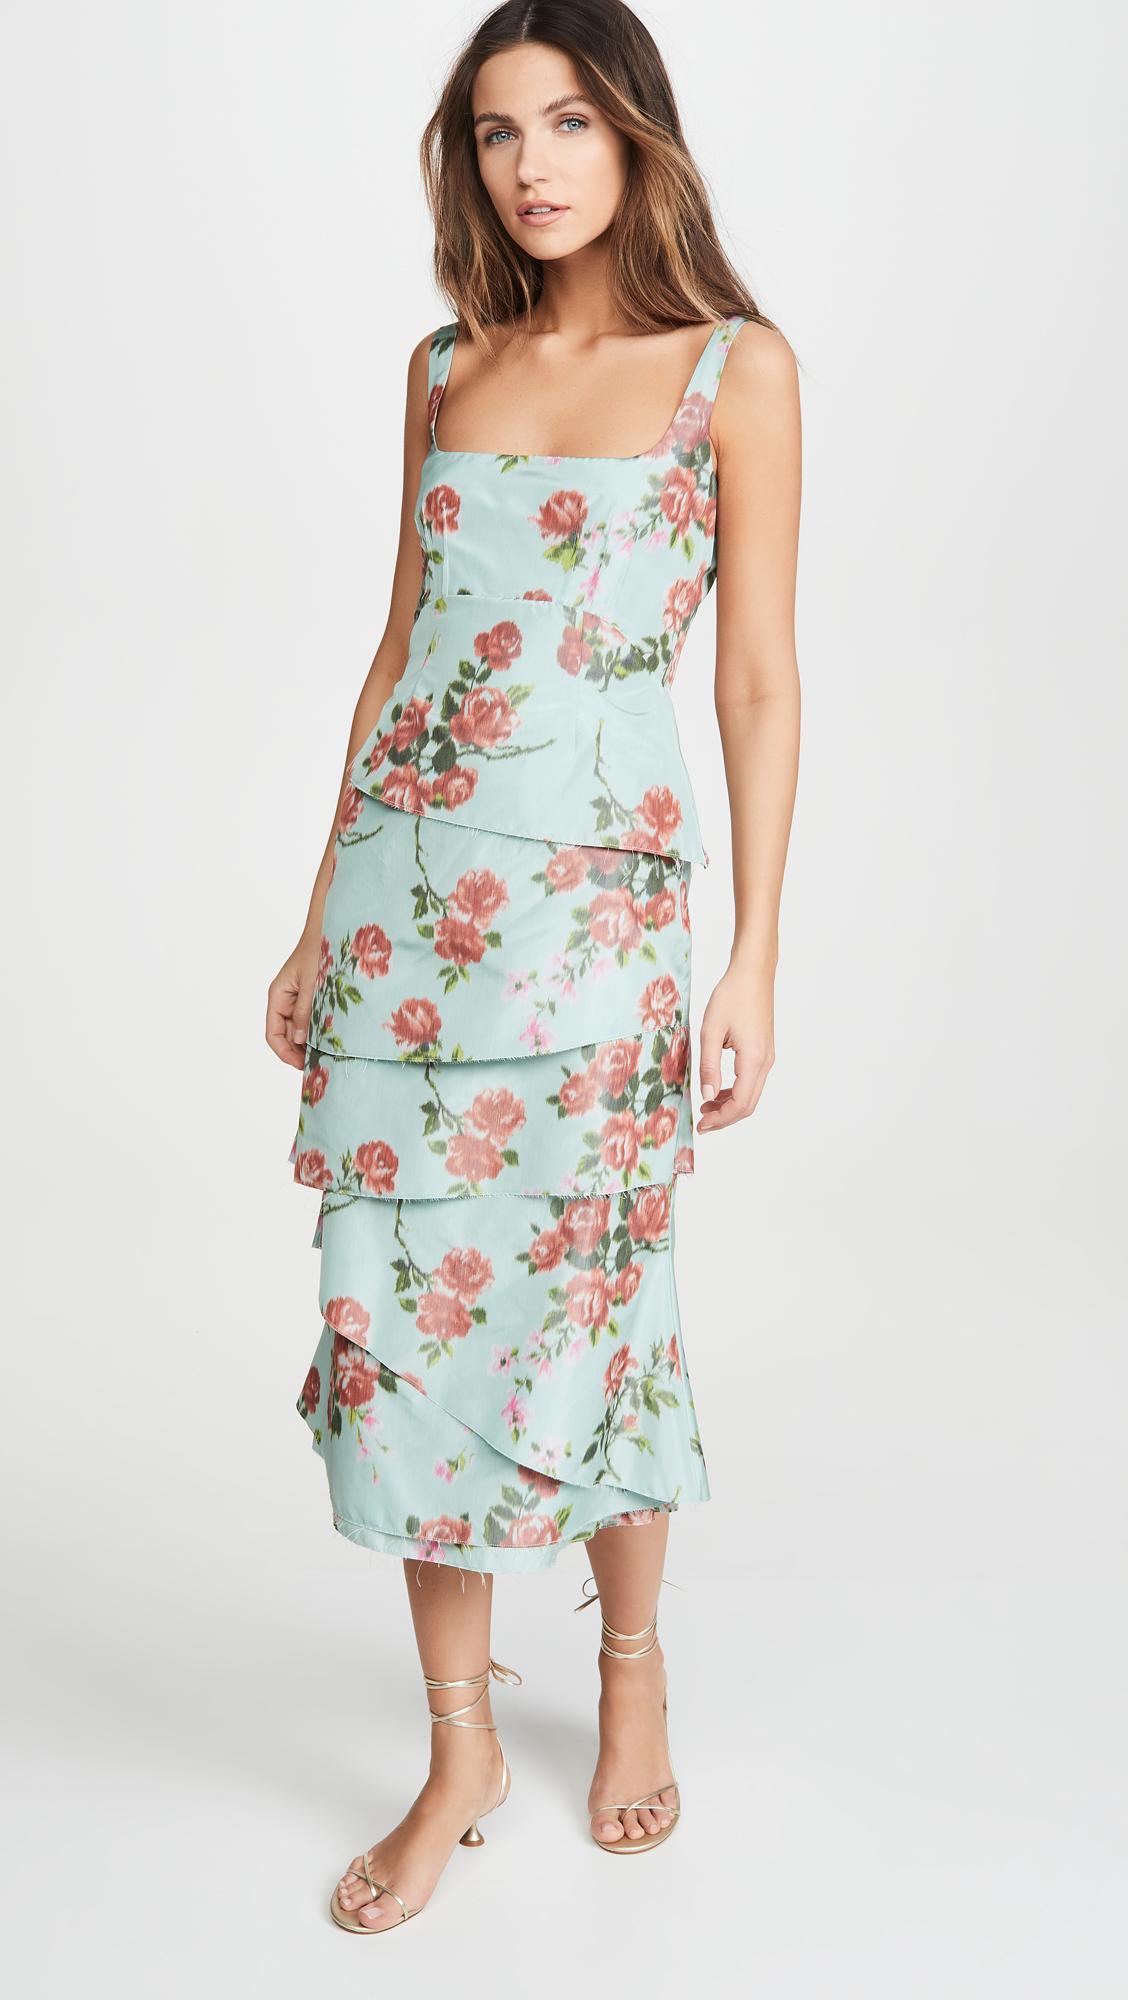 20 Spring Dresses Worthy of Easter Brunch 19